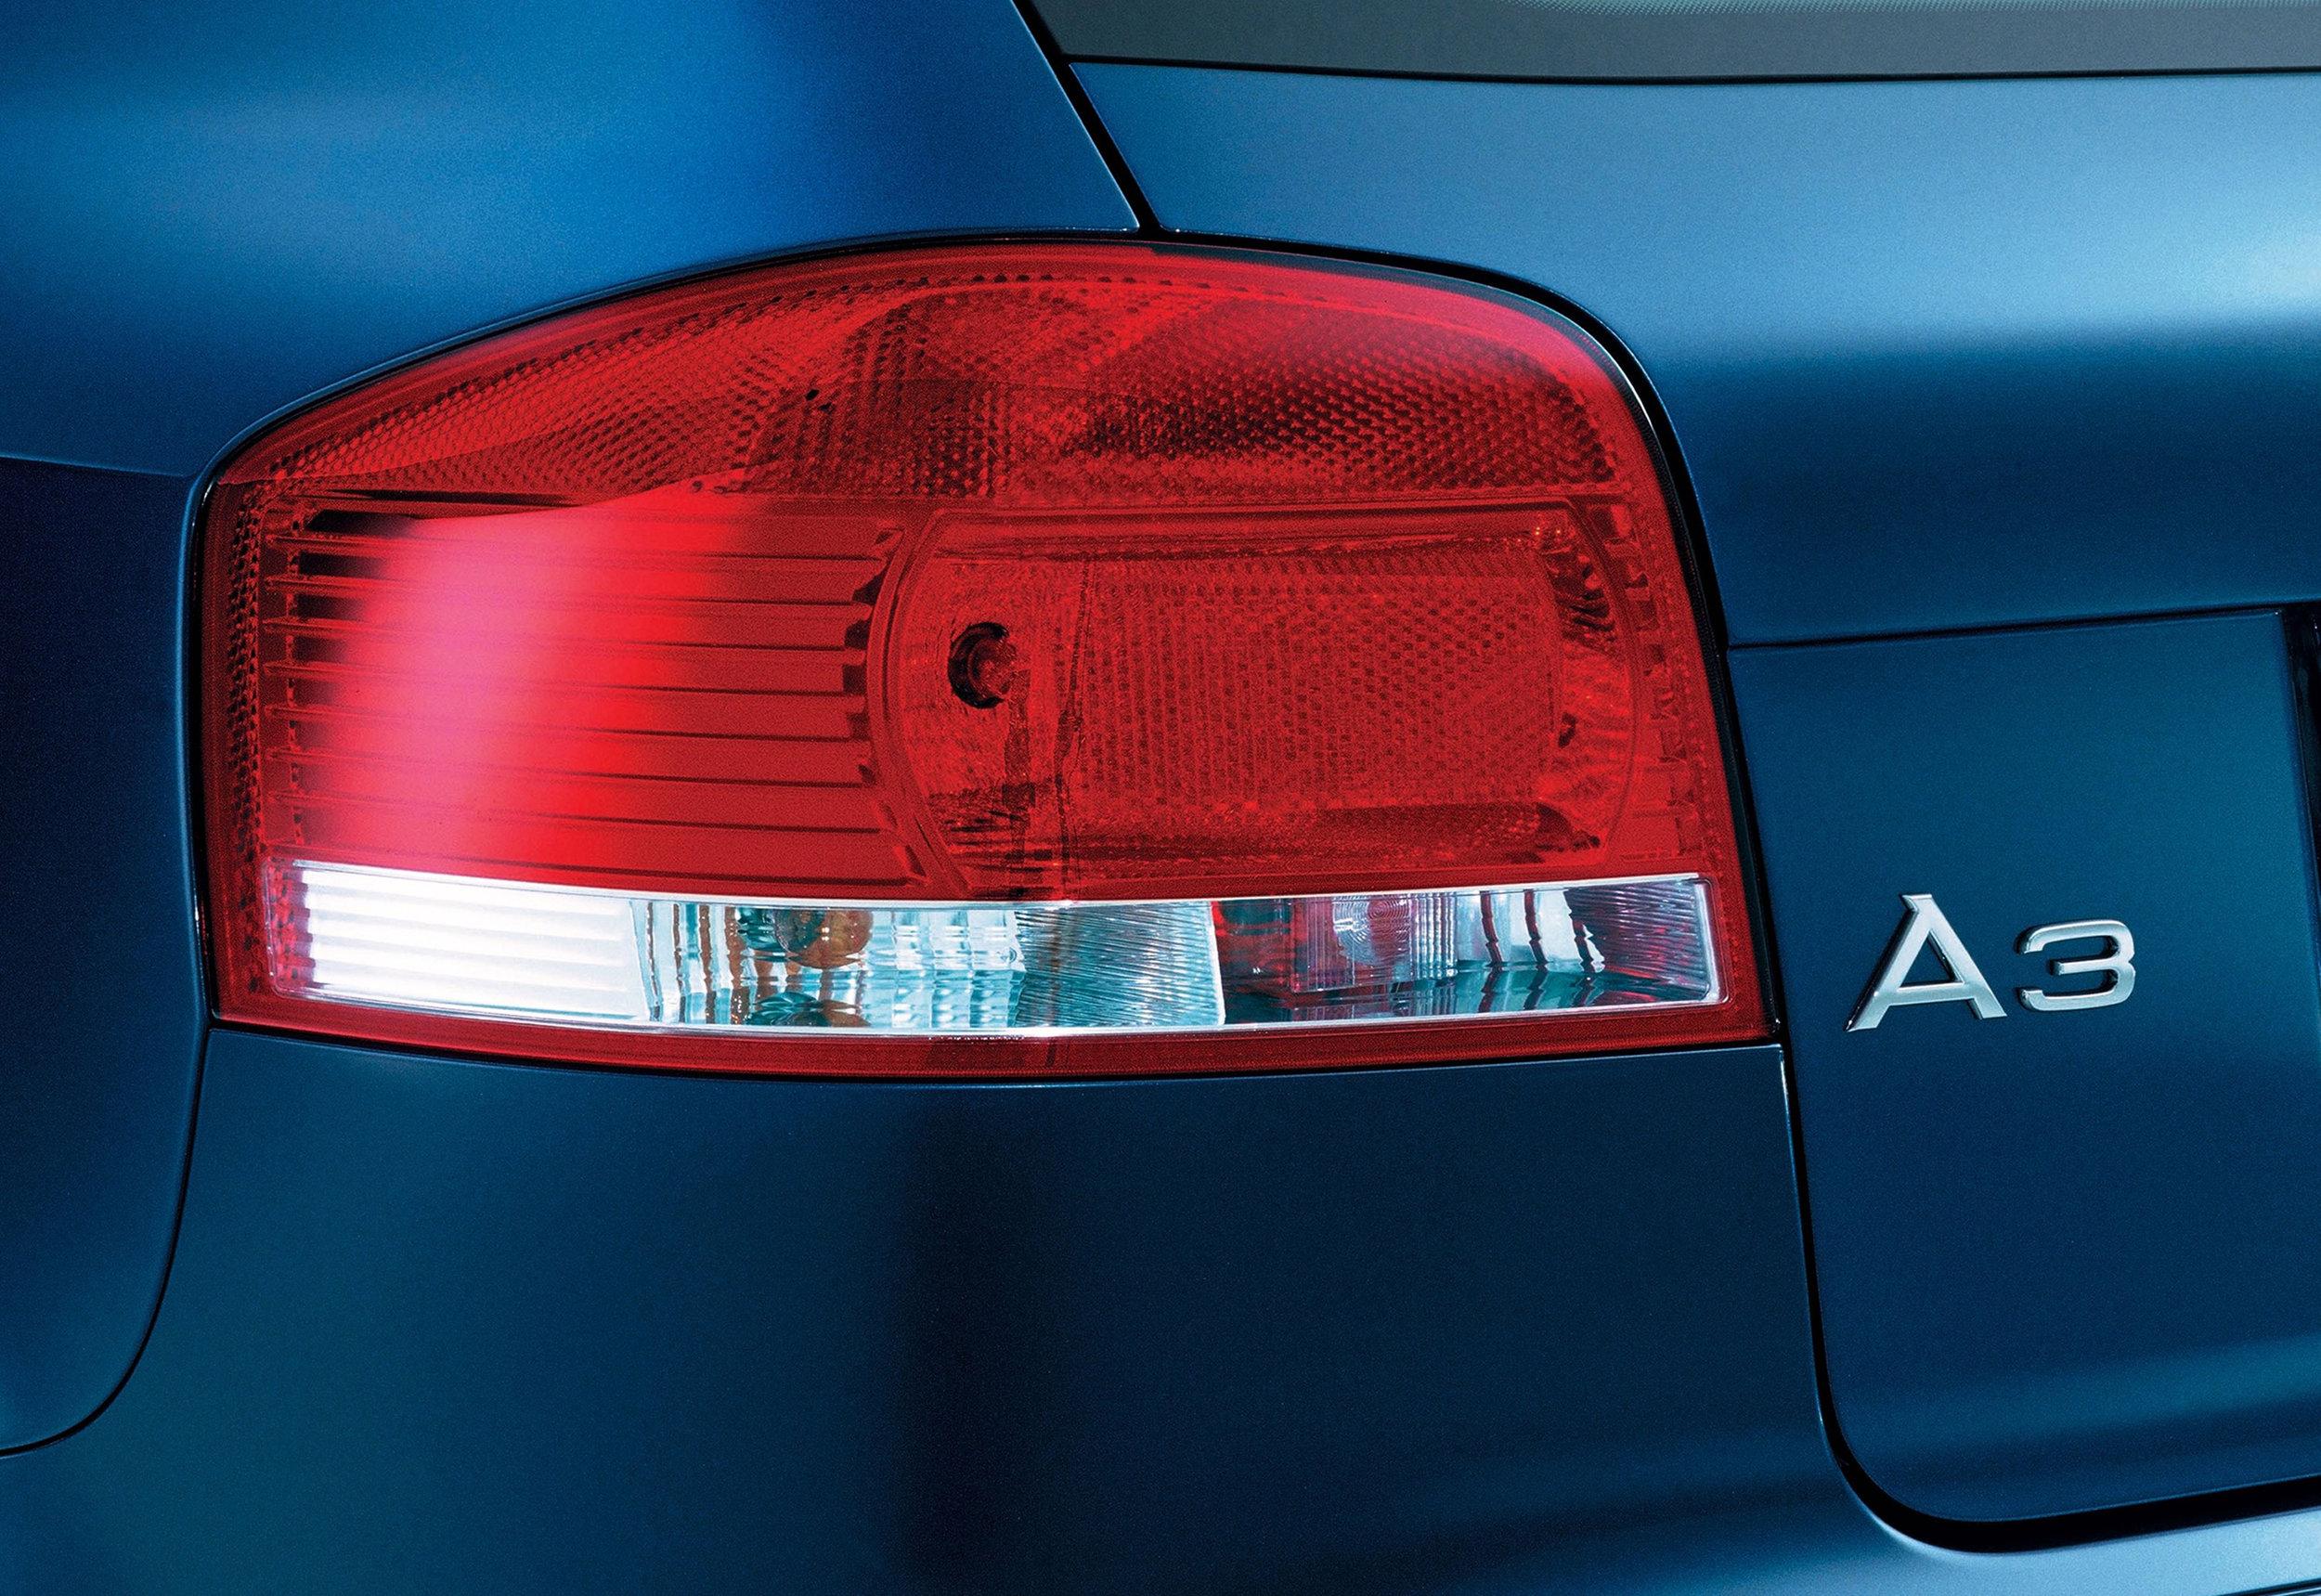 Audi A3 Mk2-16.jpg